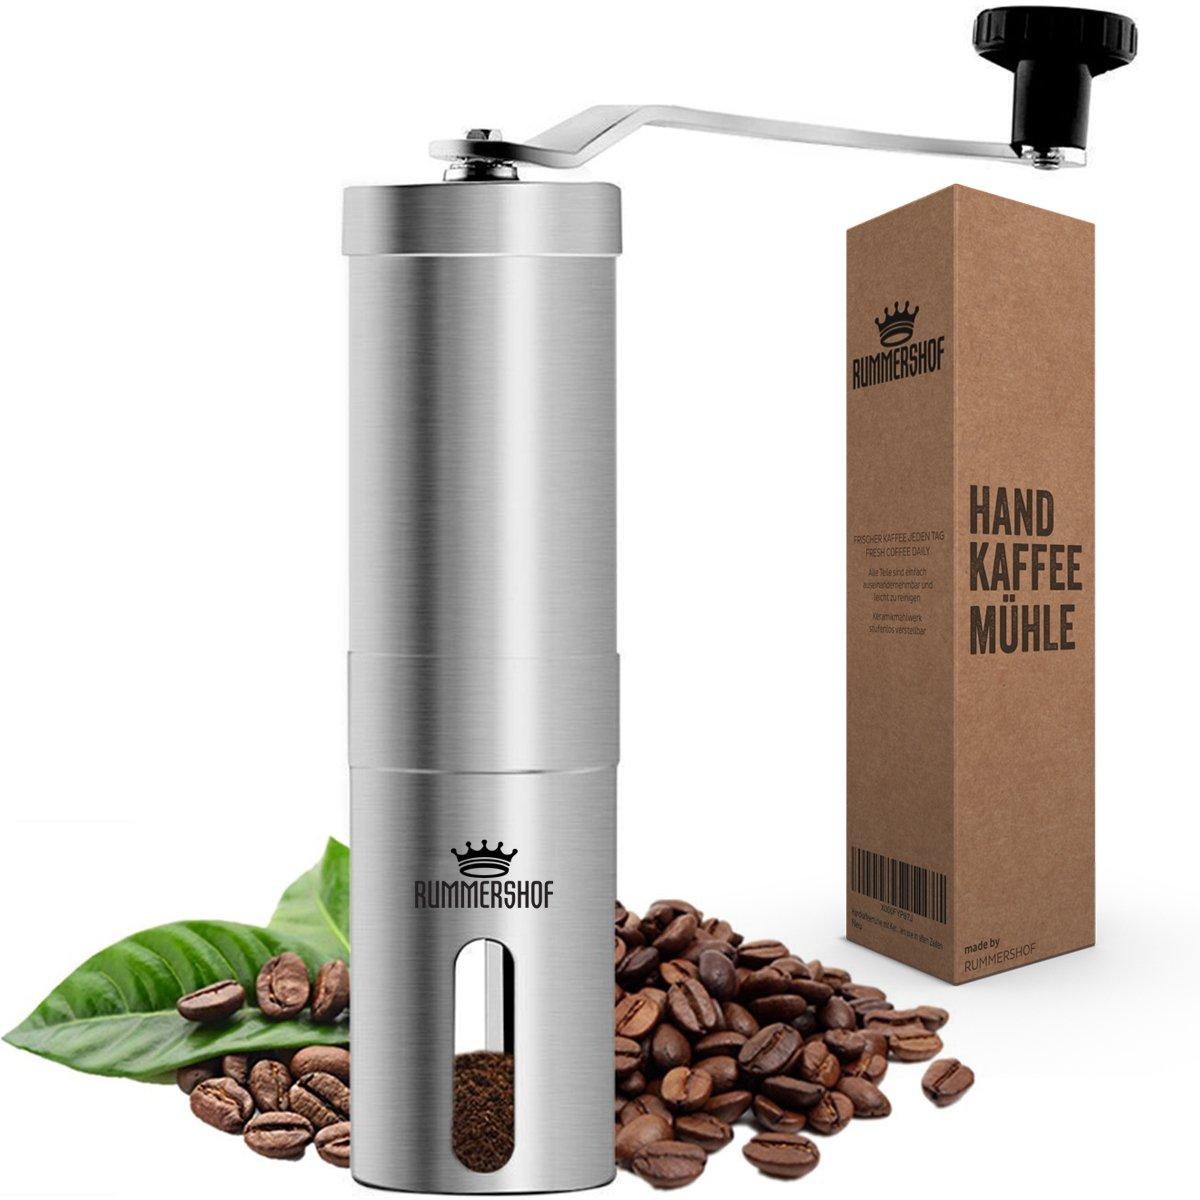 Rummershof Handkaffeemühle mit Keramikmahlwerk 2.0 – Manuelle Kaffeemühle aus Edelstahl – Espressomühle inkl. Mahlwerk…